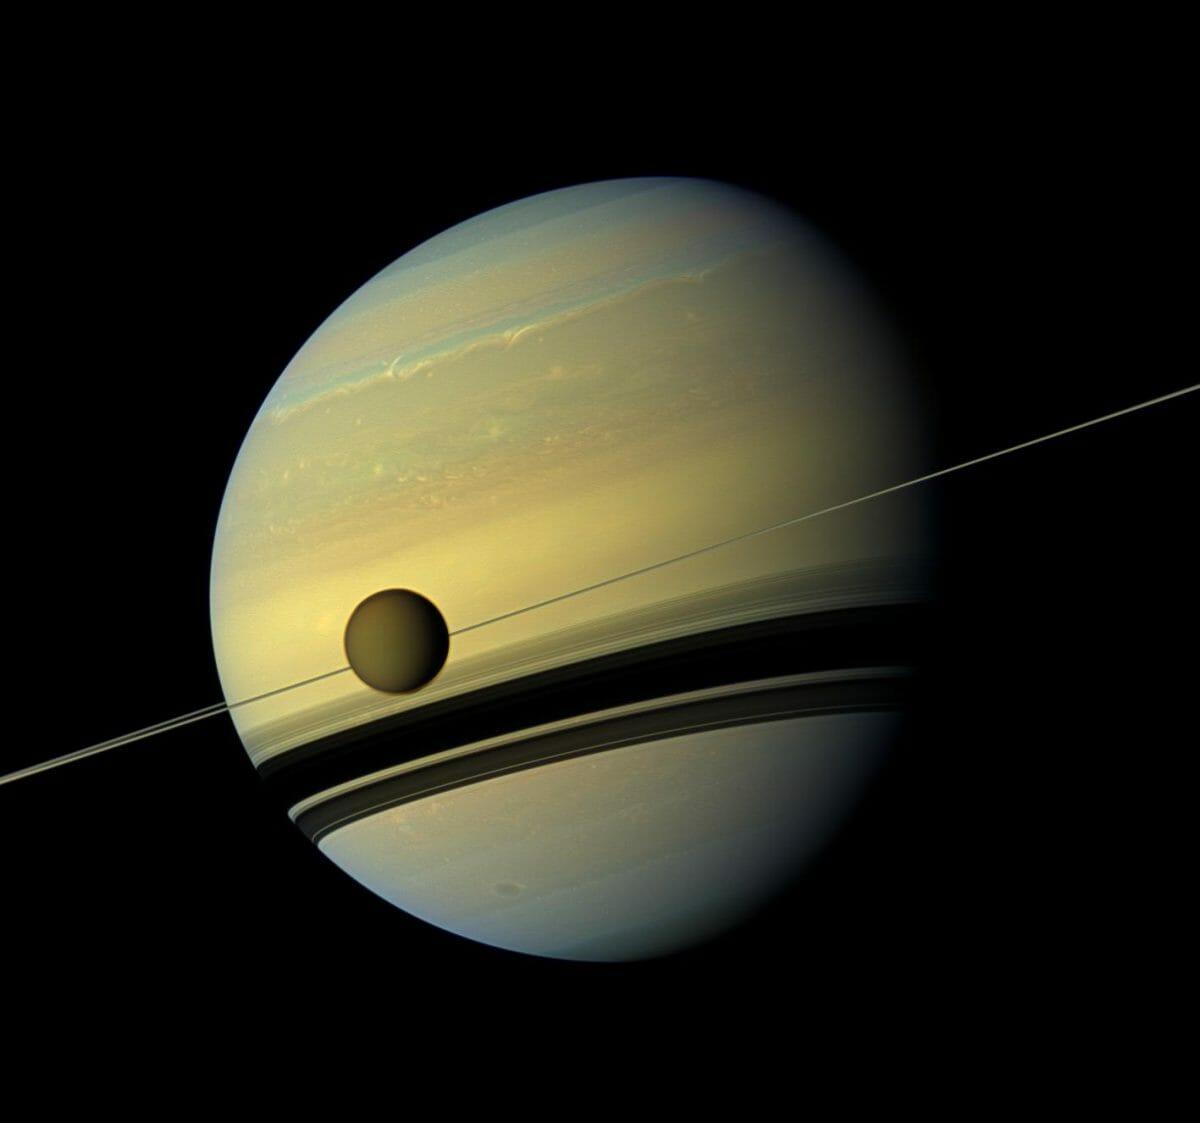 土星探査機カッシーニによって撮影された土星と衛星タイタン(Credit: NASA/JPL-Caltech/Space Science Institute)